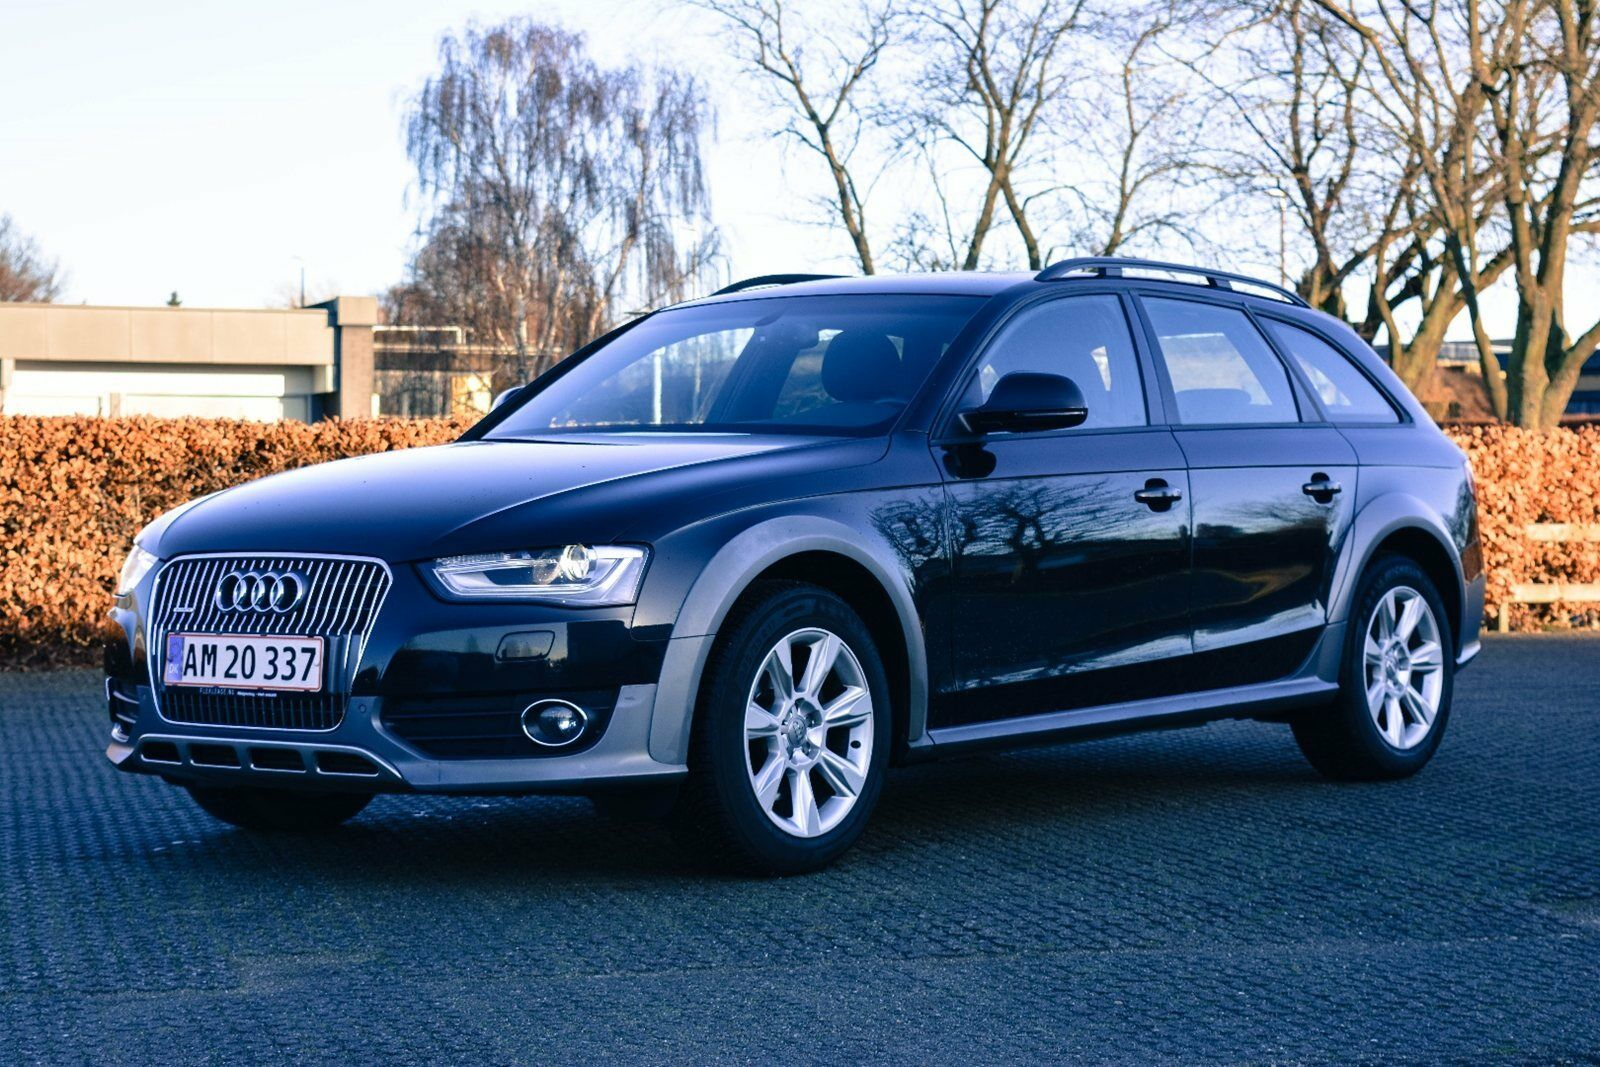 Audi A4 allroad 3,0 TDi 245 quattro S-tr. 5d - 309.900 kr.